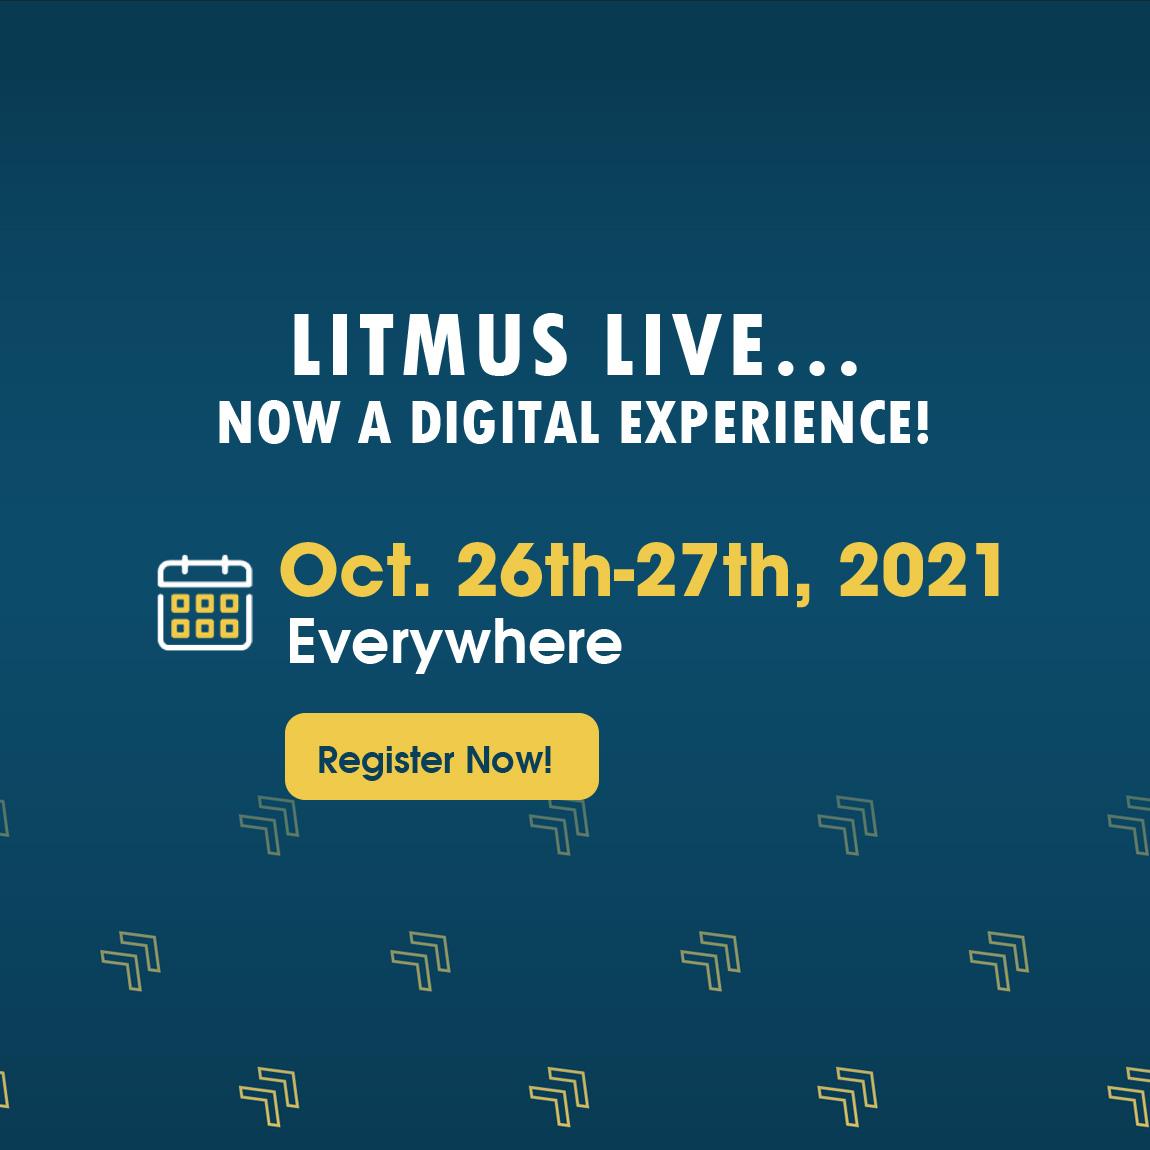 Litmus Live